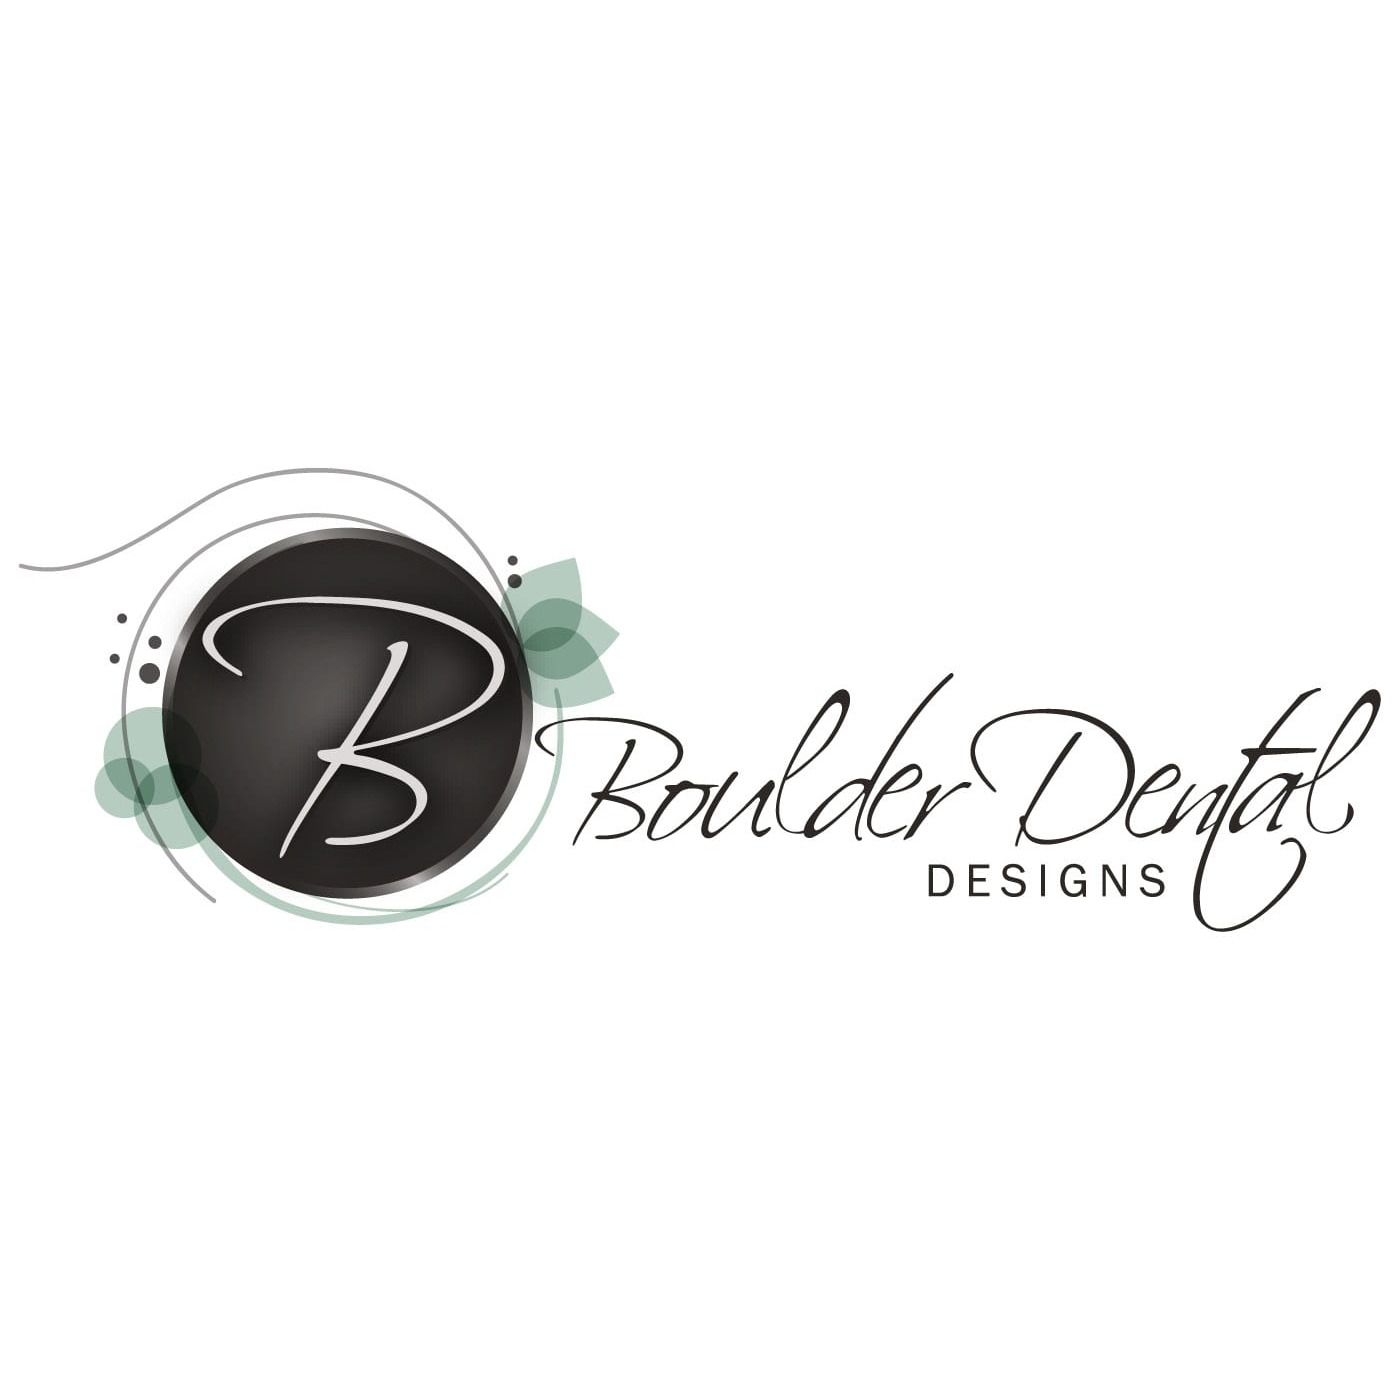 Boulder Dental Designs